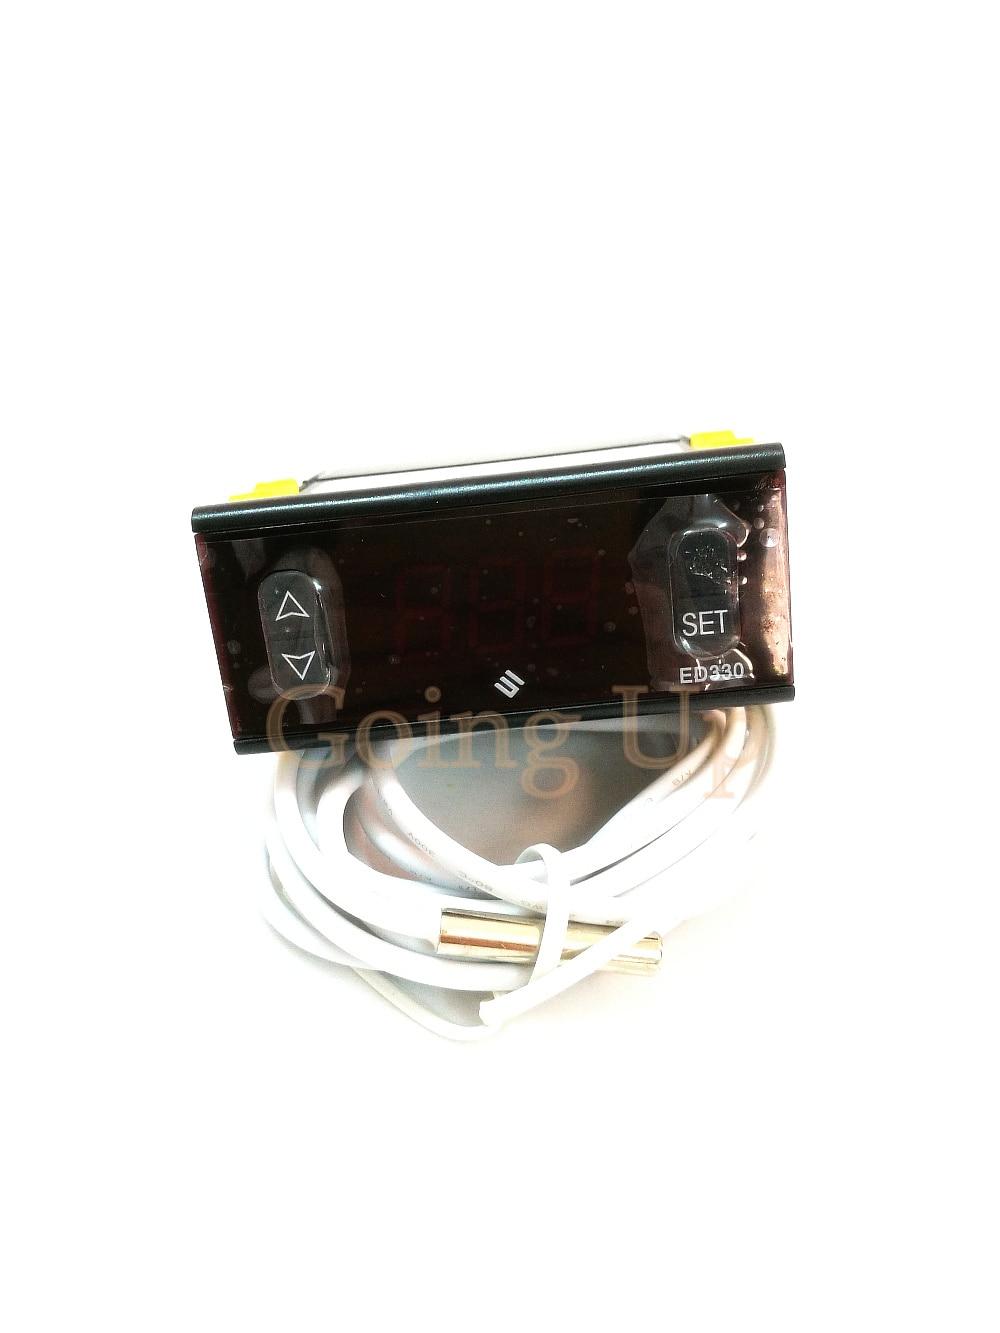 وحدة تحكم في درجة الحرارة ، نطاق 45-120 ، للتبريد والتدفئة ، ED330